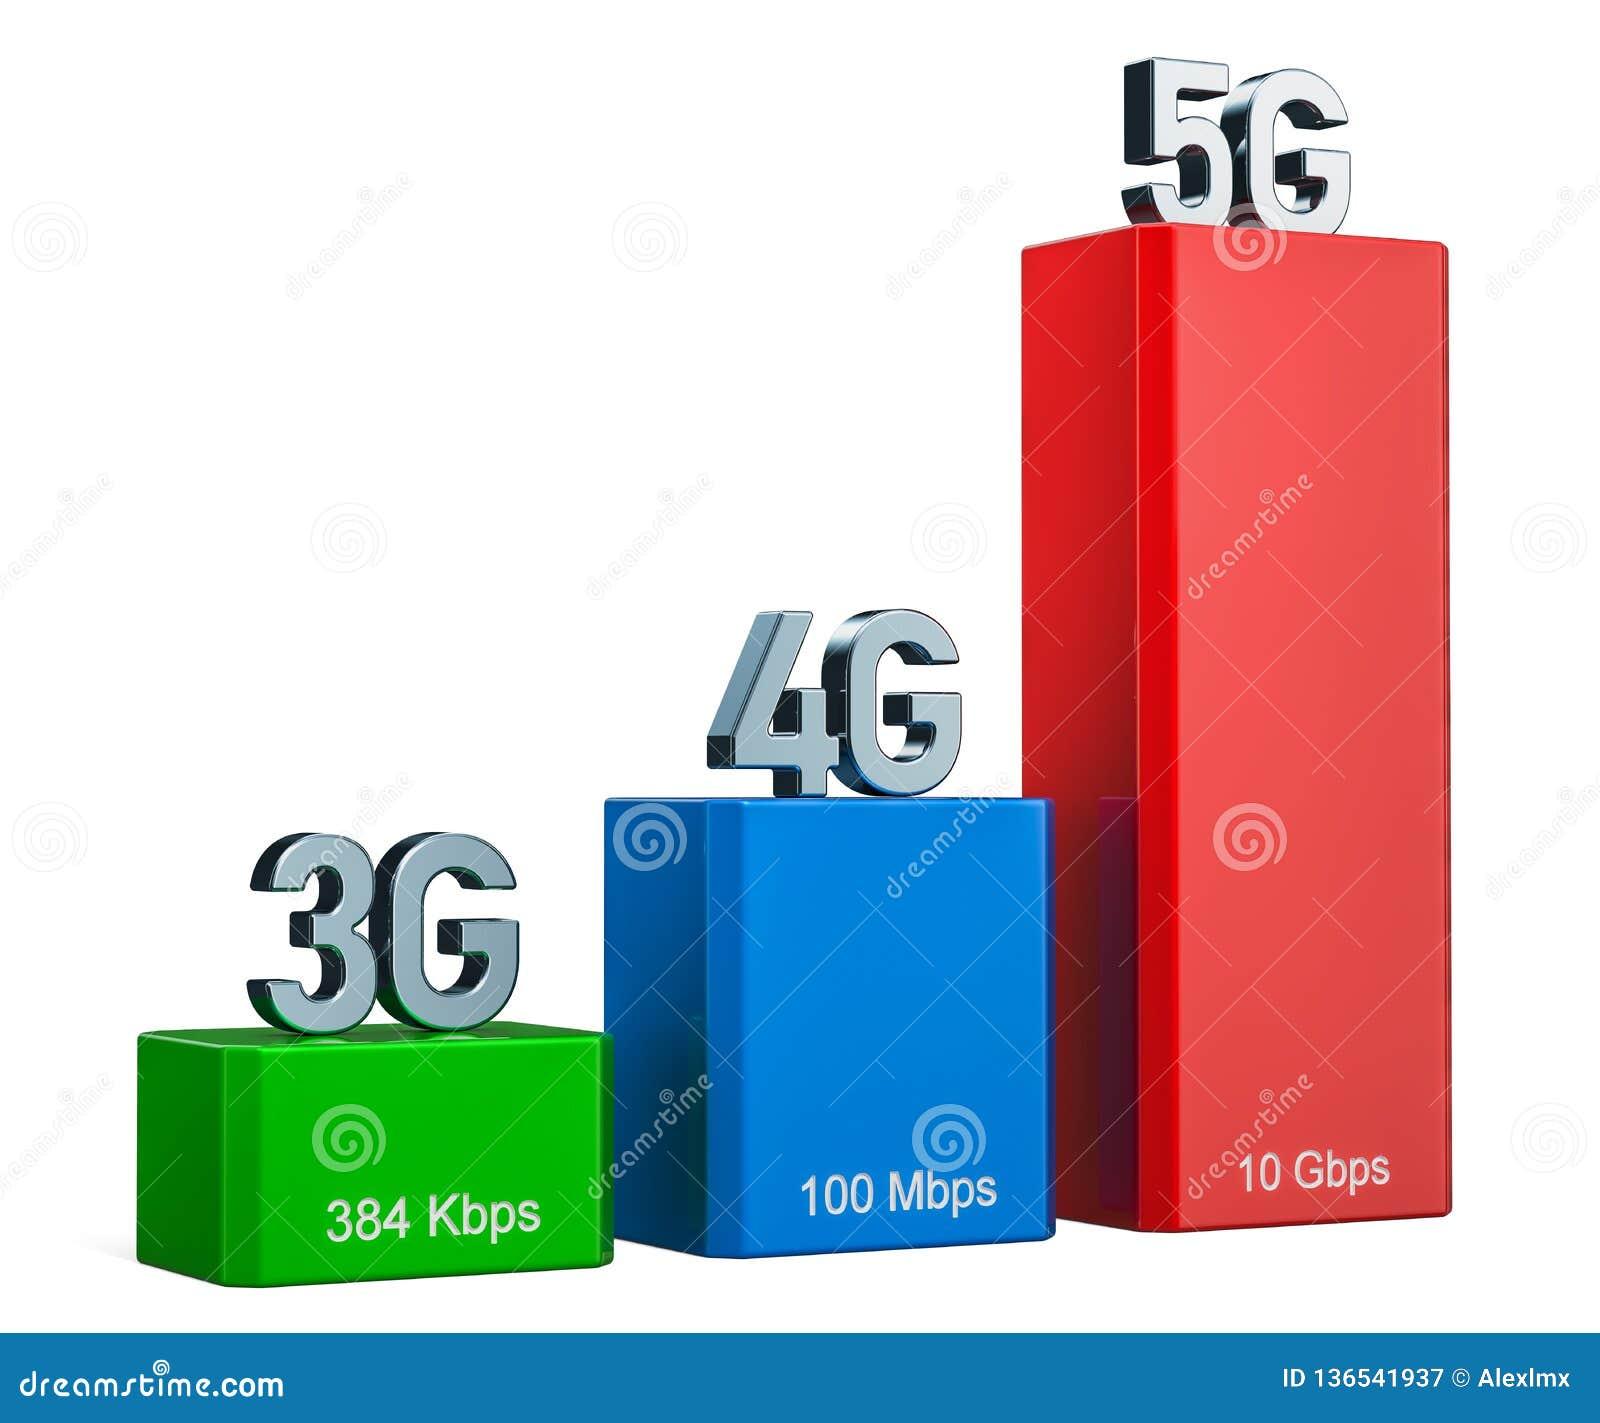 3G, 4G, 5G Wireless Network Speed Evolution Concept, 3D